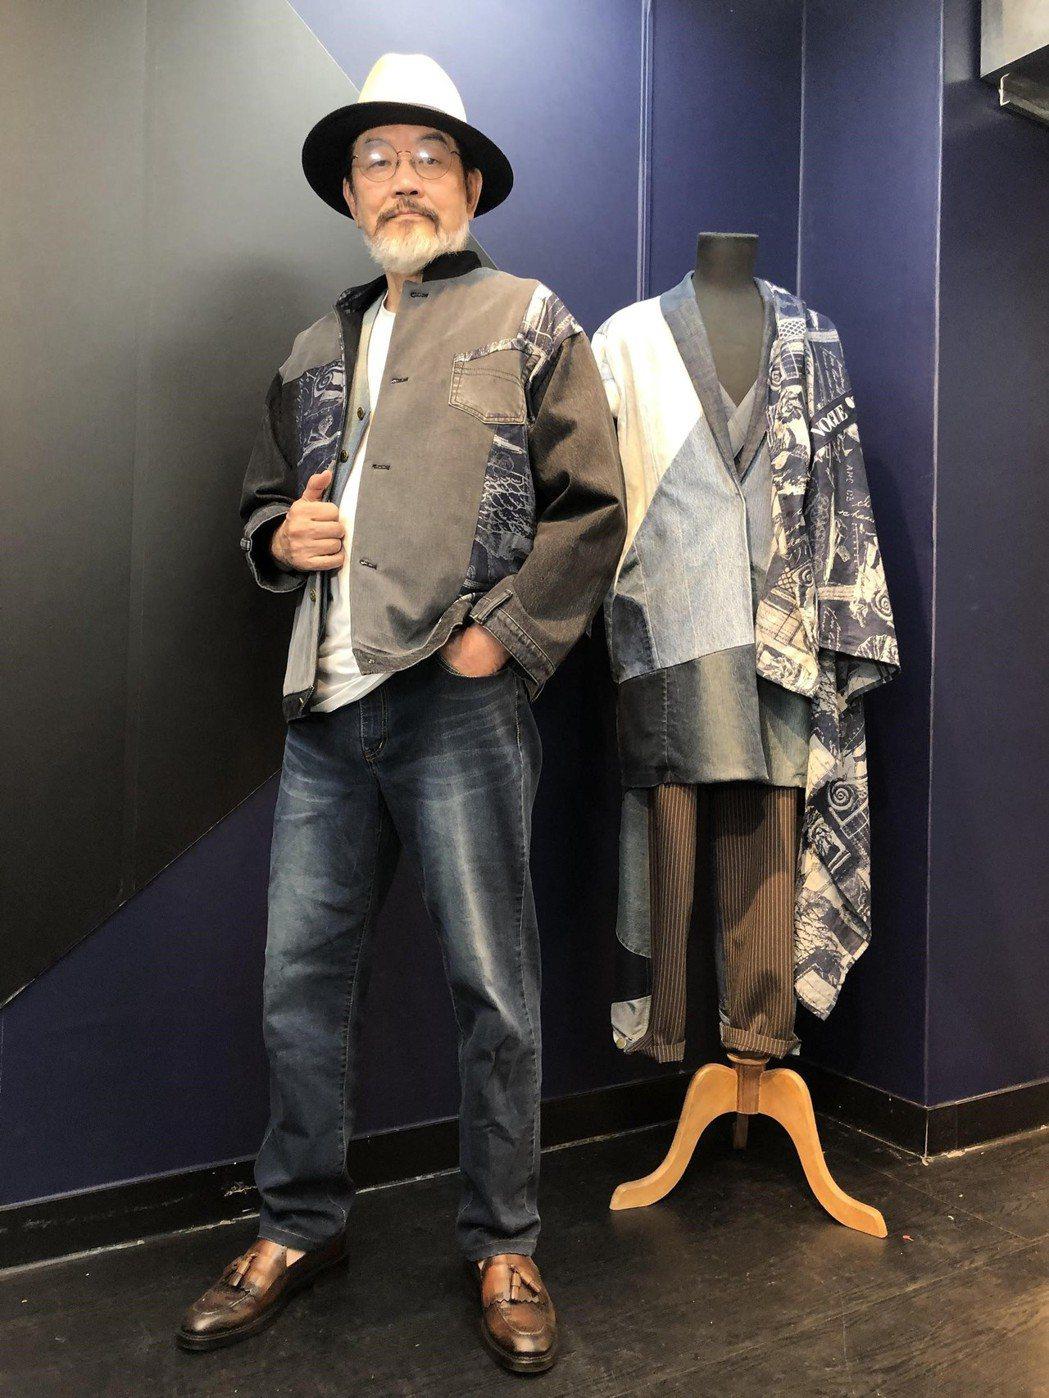 牛仔大衣可遮腹部,具有顯瘦效果。 攝影/張益華